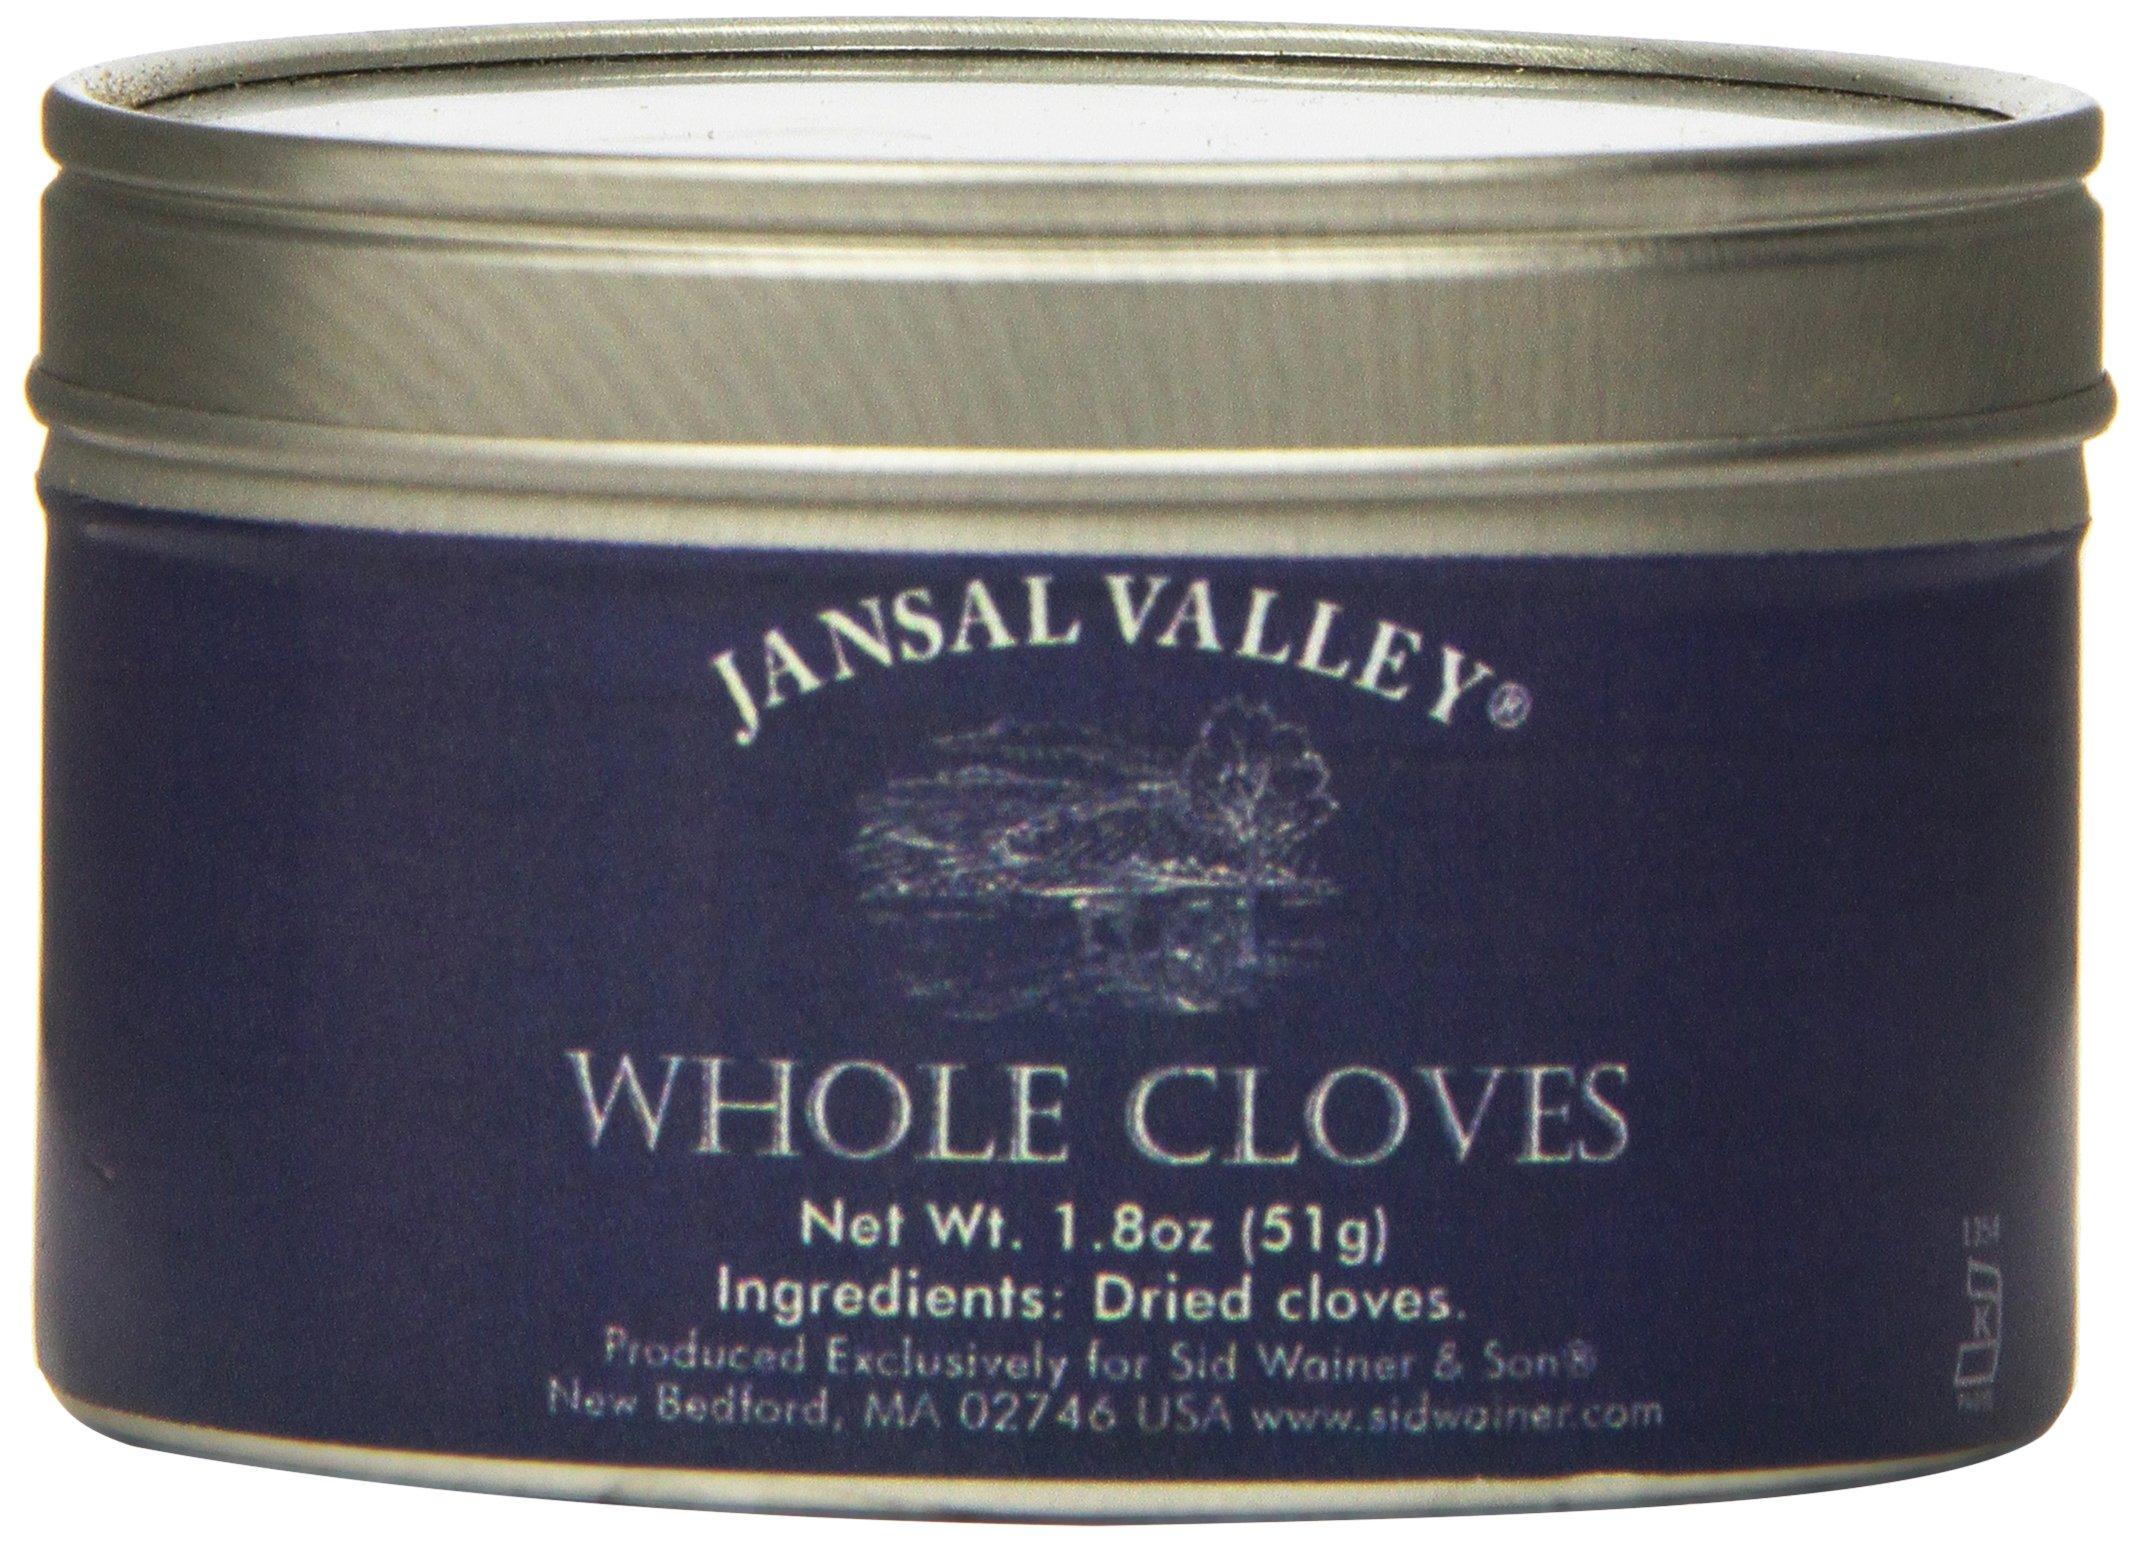 Jansal Valley Whole Cloves, 1.8 Ounce